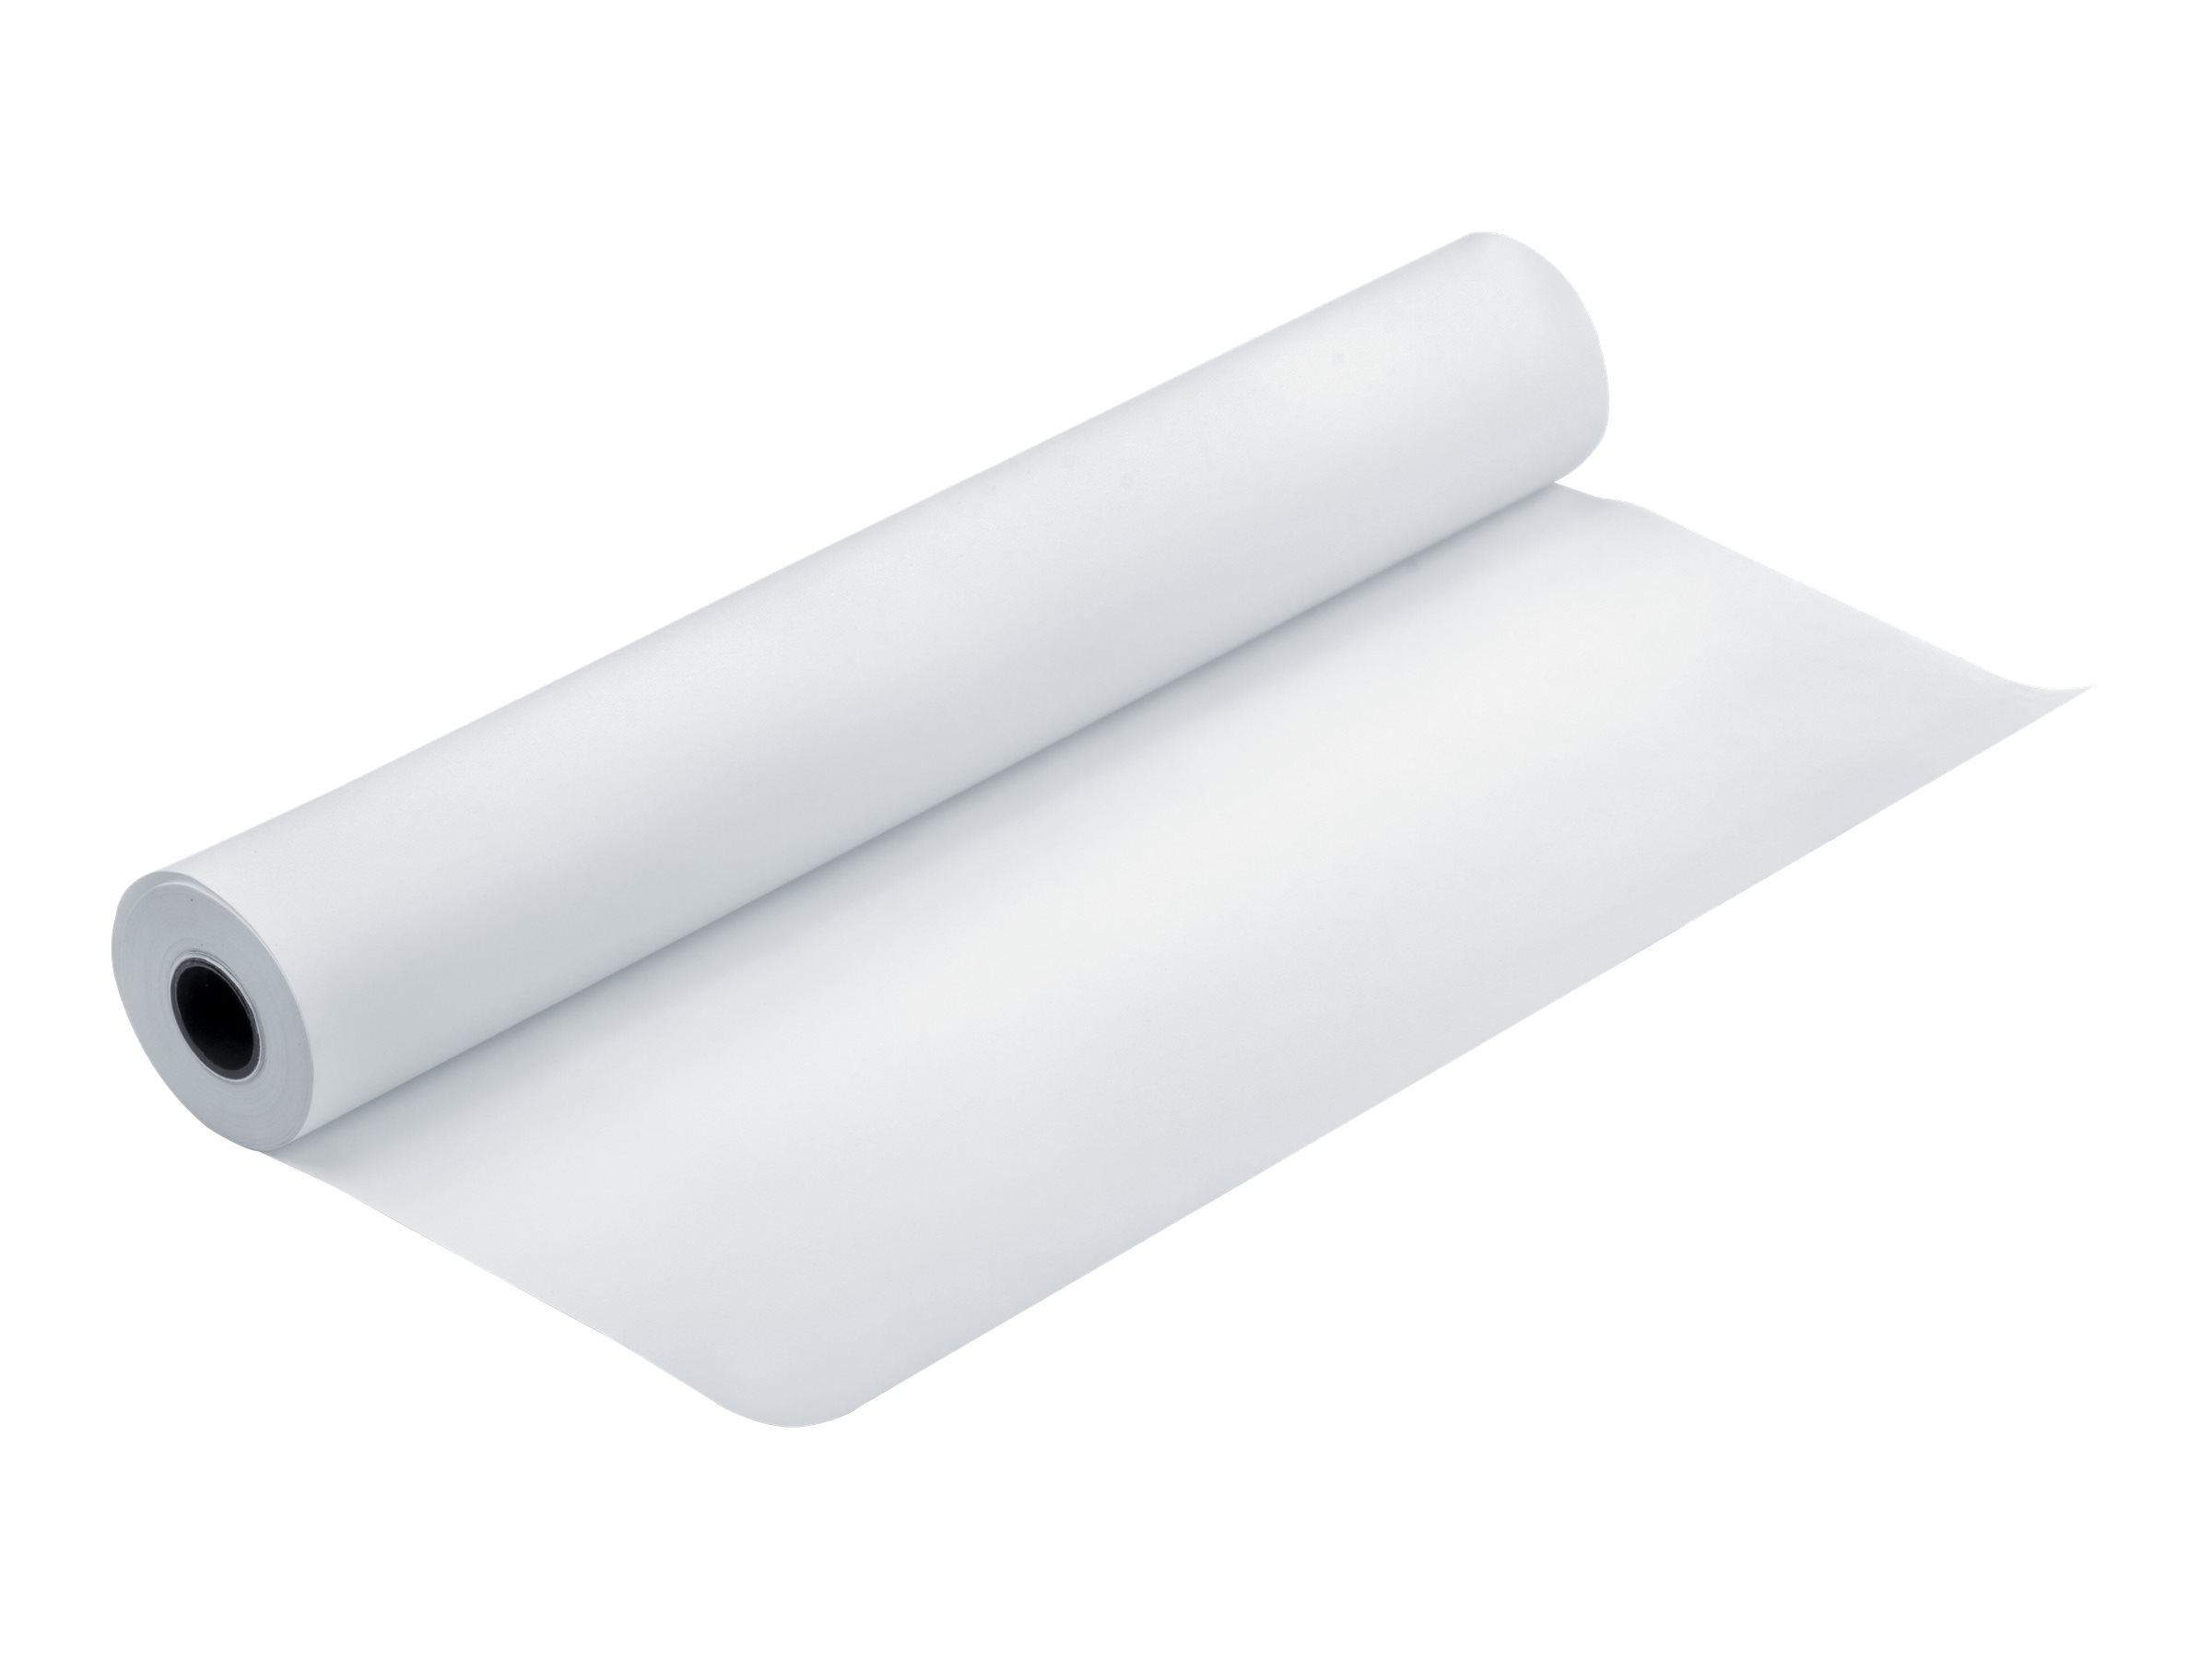 Epson Premium - Halbglänzend - Rolle (111,8 cm x 30,5 m) - 255 g/m² - 1 Rolle(n) Fotopapier - für Stylus Pro 11880, Pro 98XX; Su